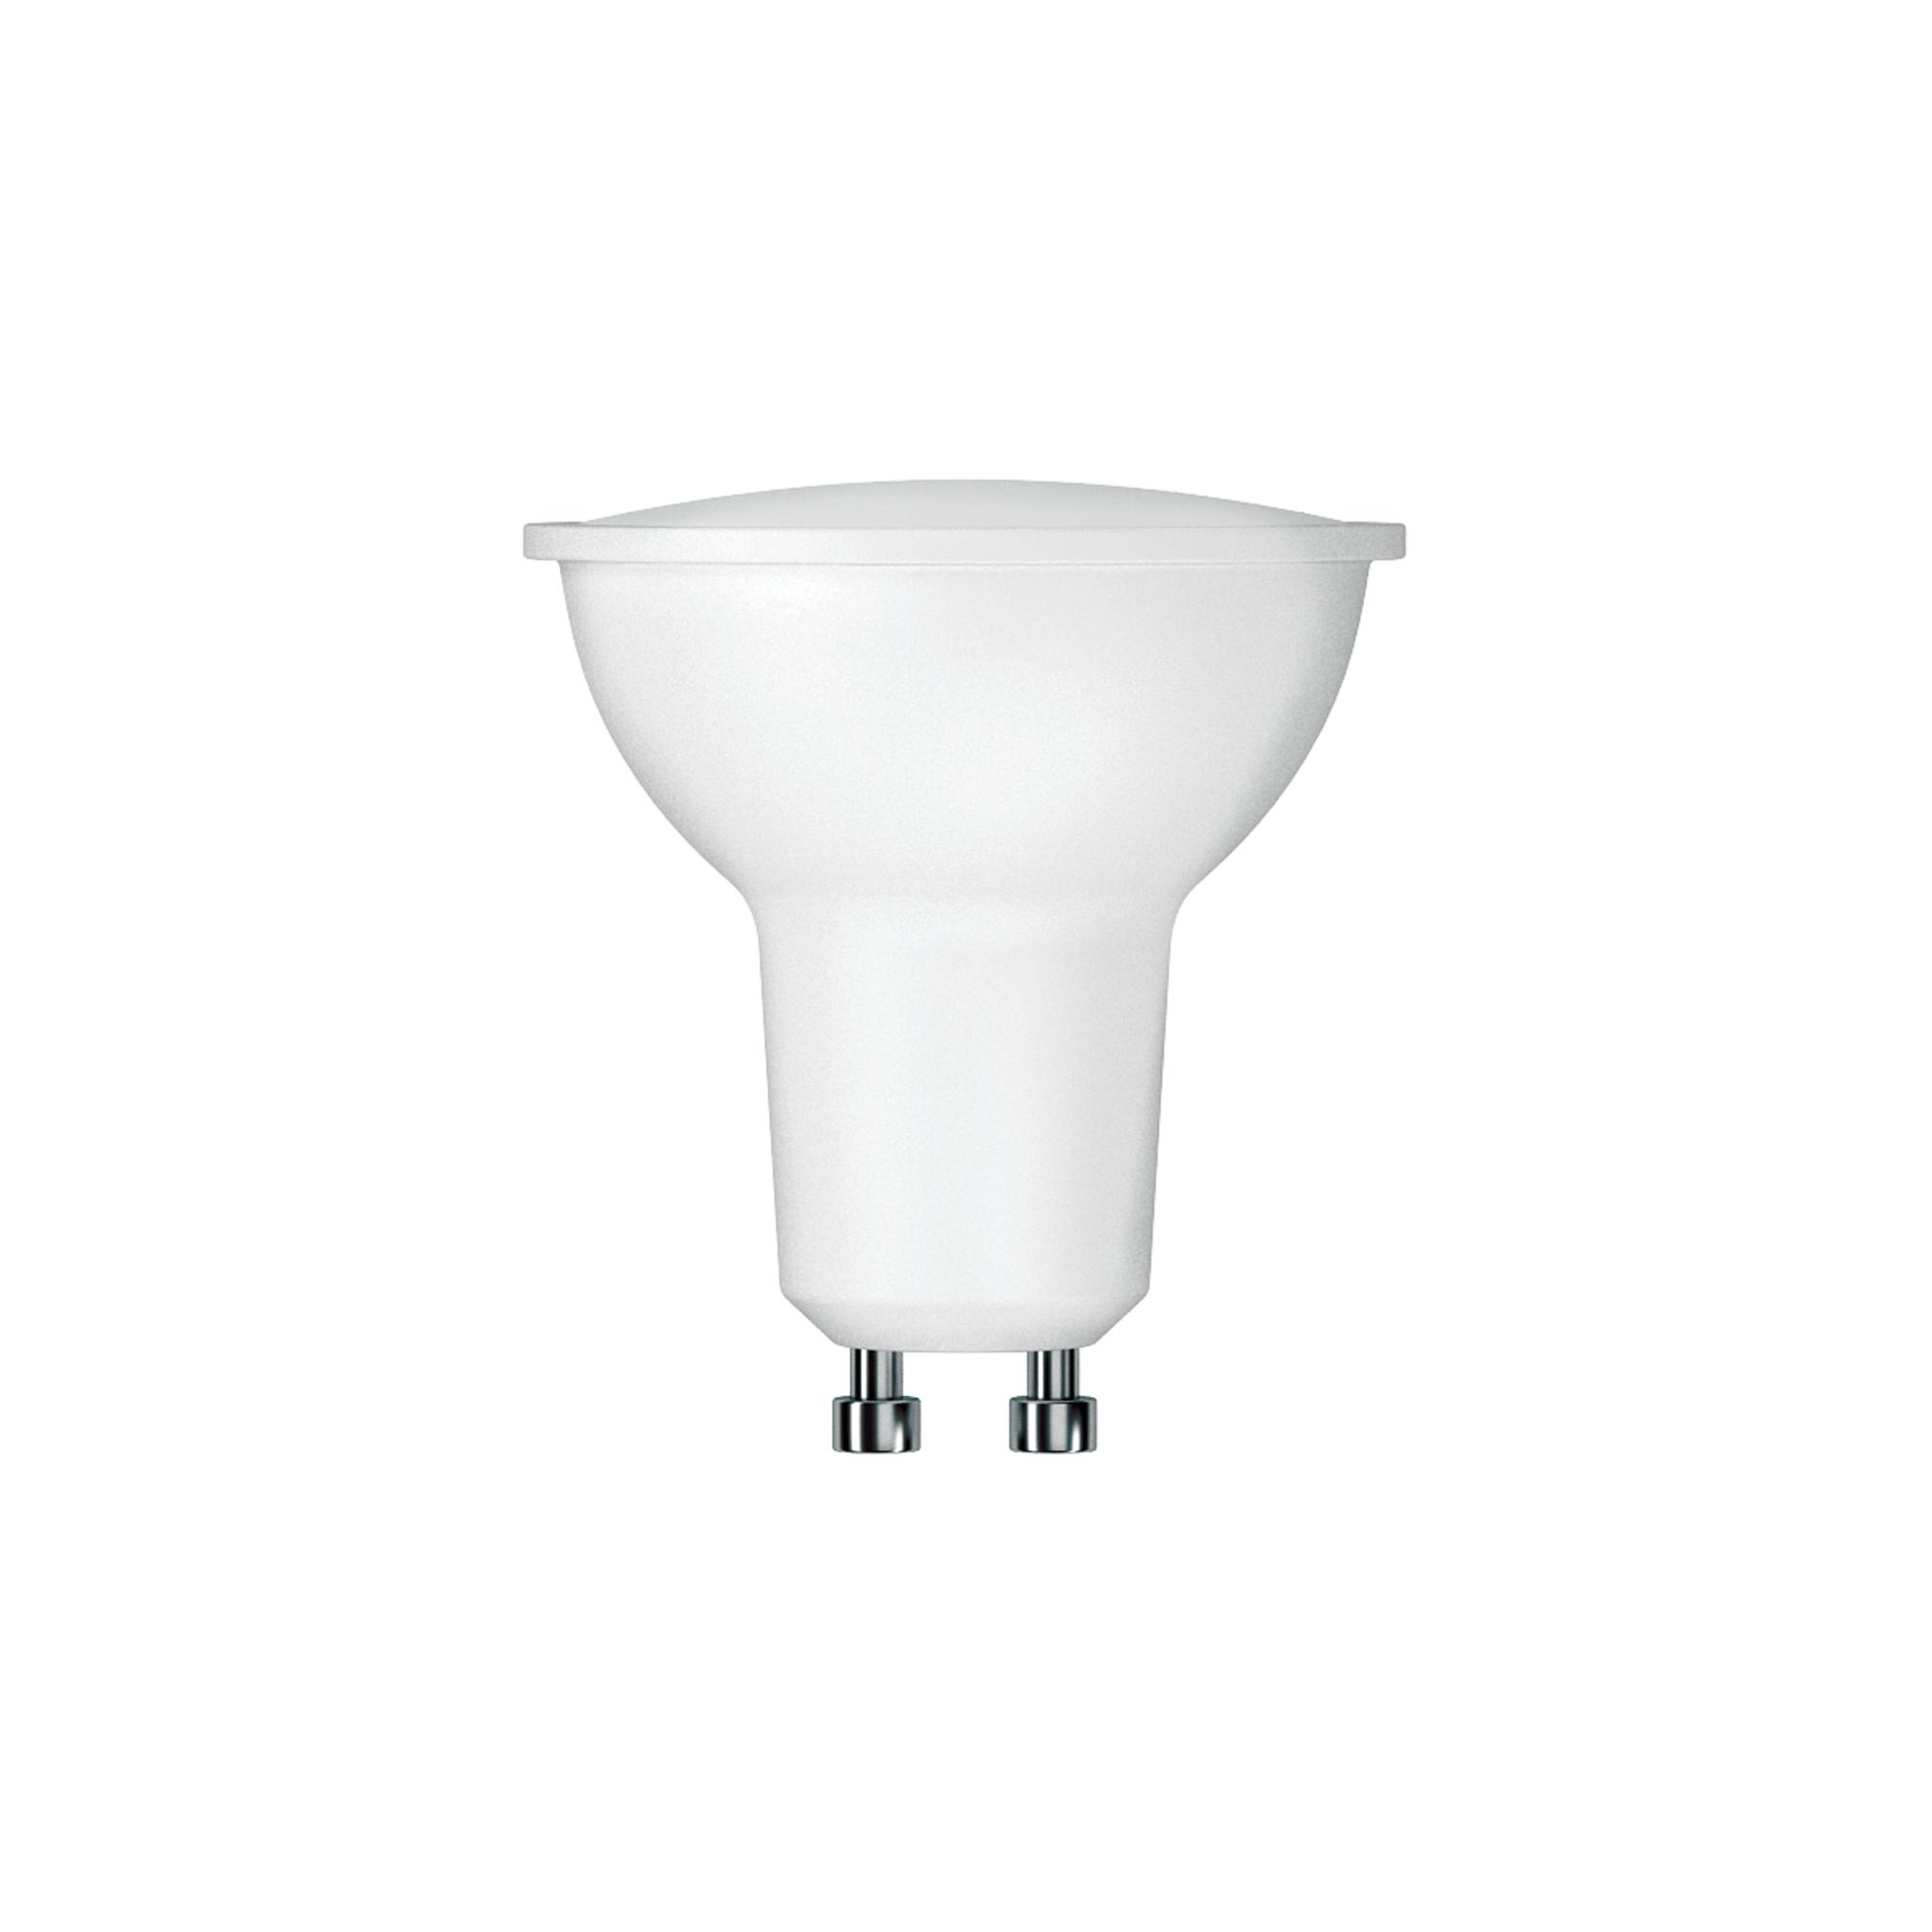 Светодиодная лампочка Фотон 22802 MR16 350 Лм 6 Вт